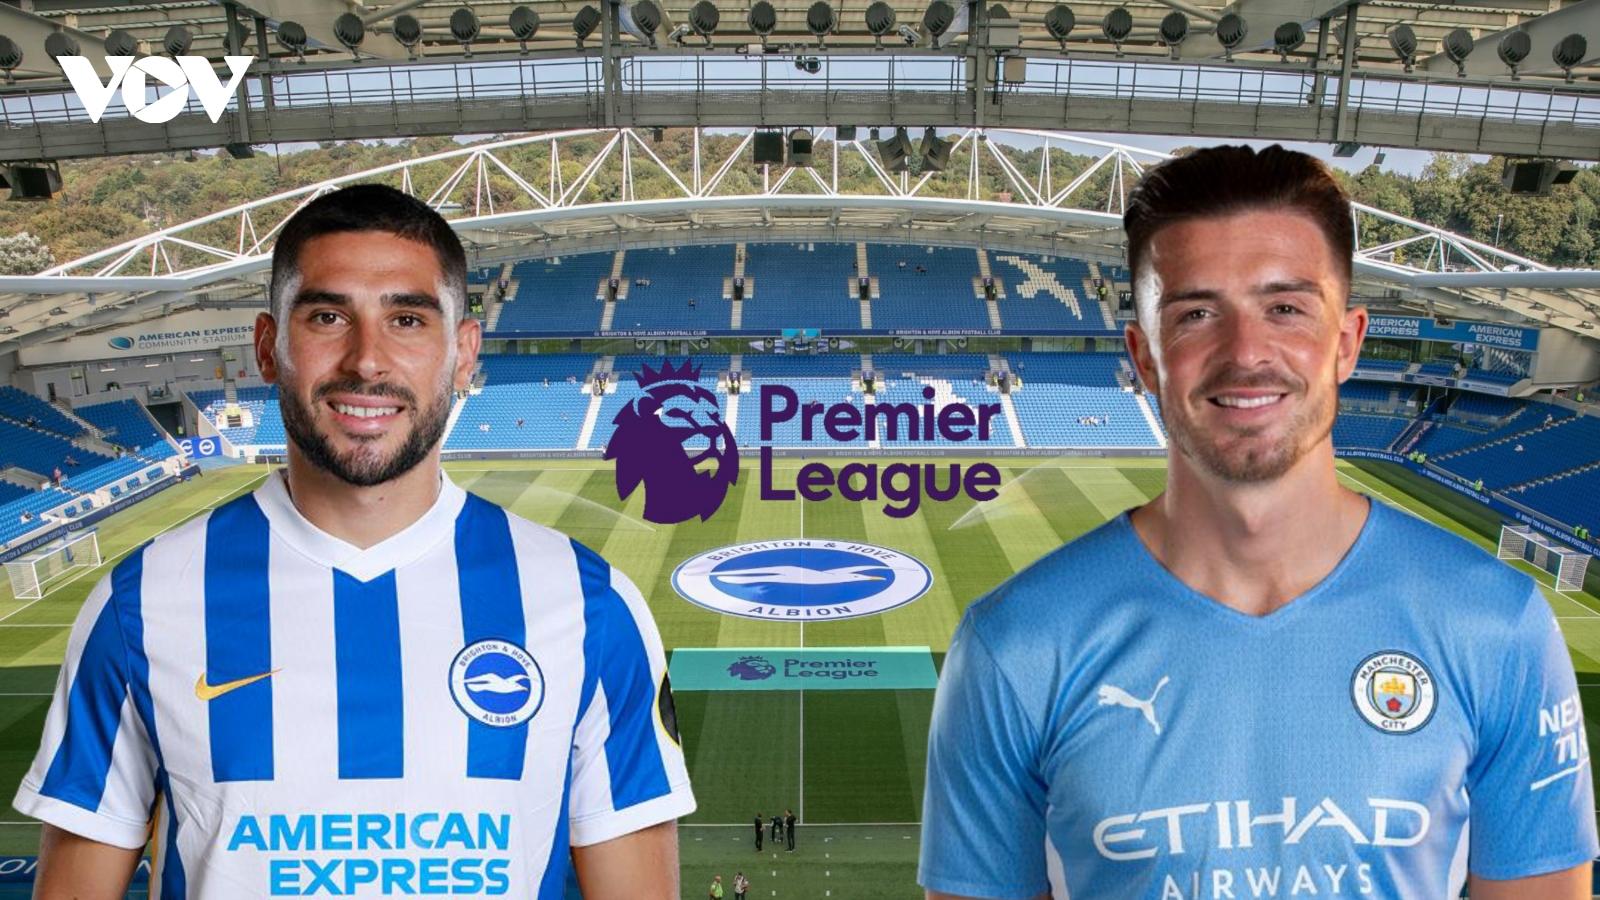 Dự đoán kết quả, đội hình xuất phát trận Brighton - Man City